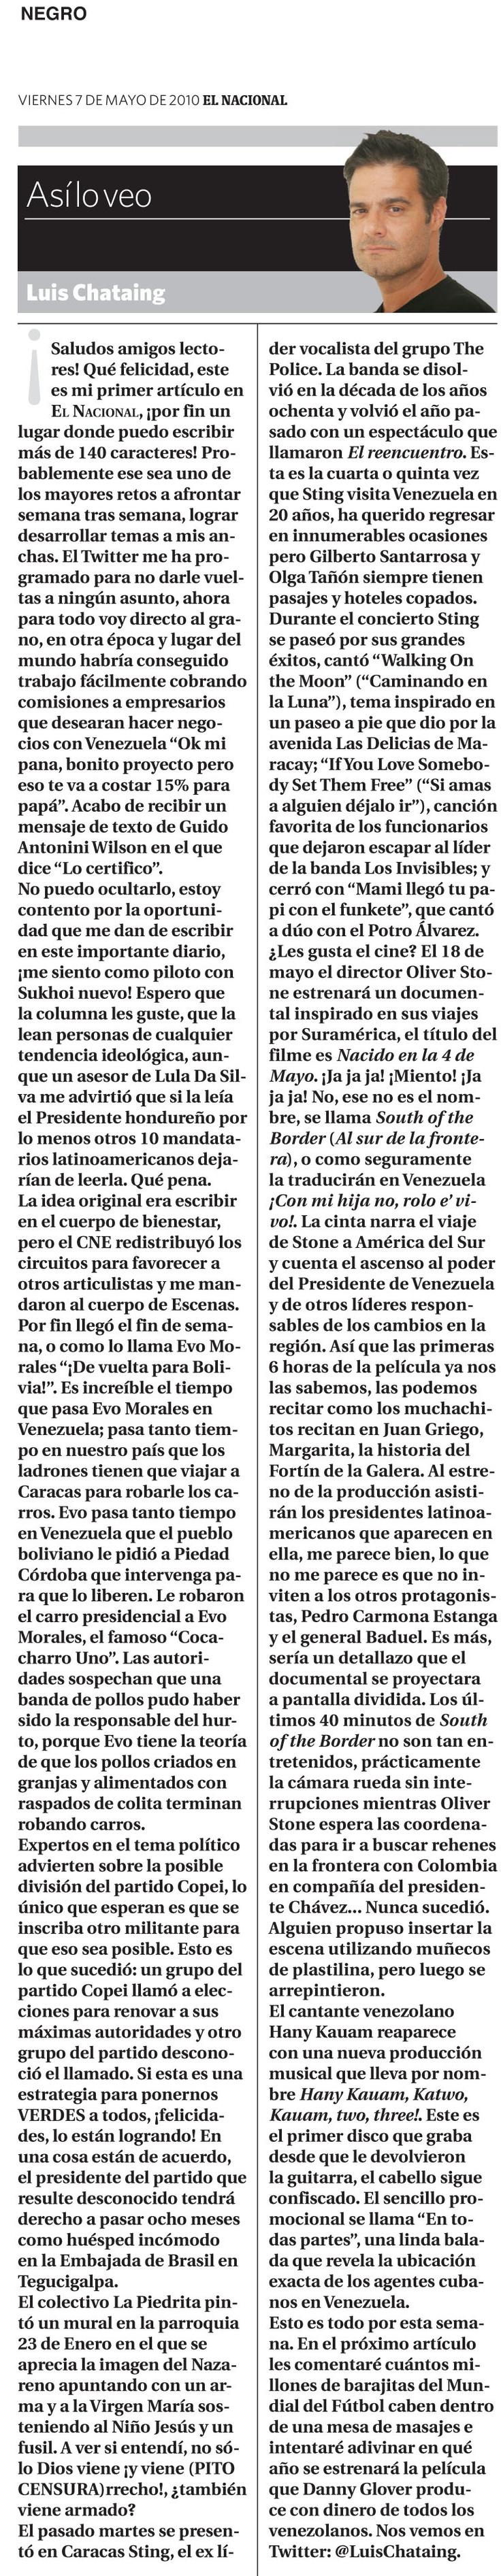 """Primera columna """"Así lo veo"""" de Luis Chataing, en El Nacional. Publicado el 07 de mayo de 2010."""